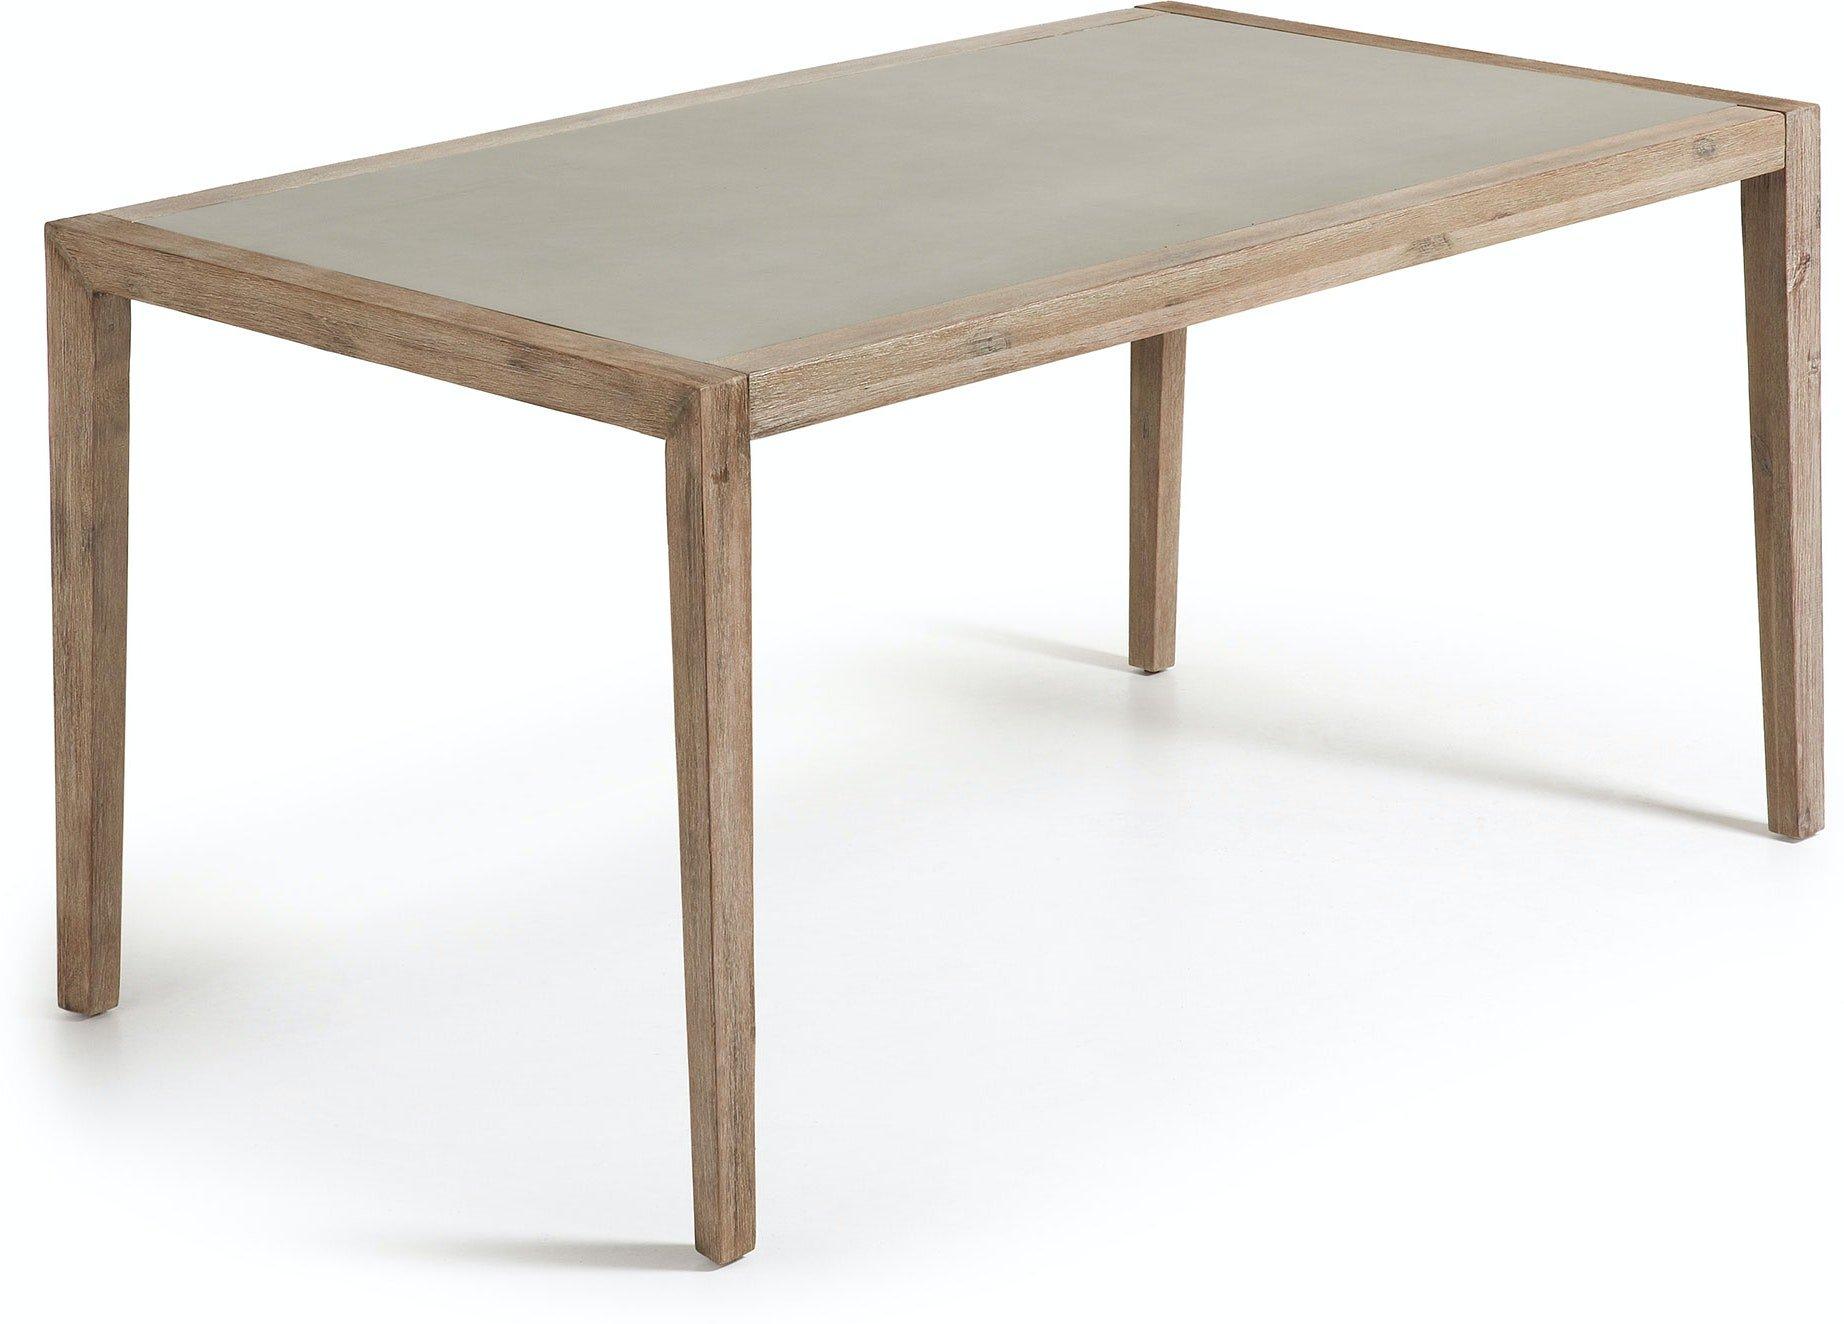 Køb Vetter, Udendørs spisebord by LaForma (H: 76 cm. B: 160 cm. L: 90 cm., Grå/Natur)